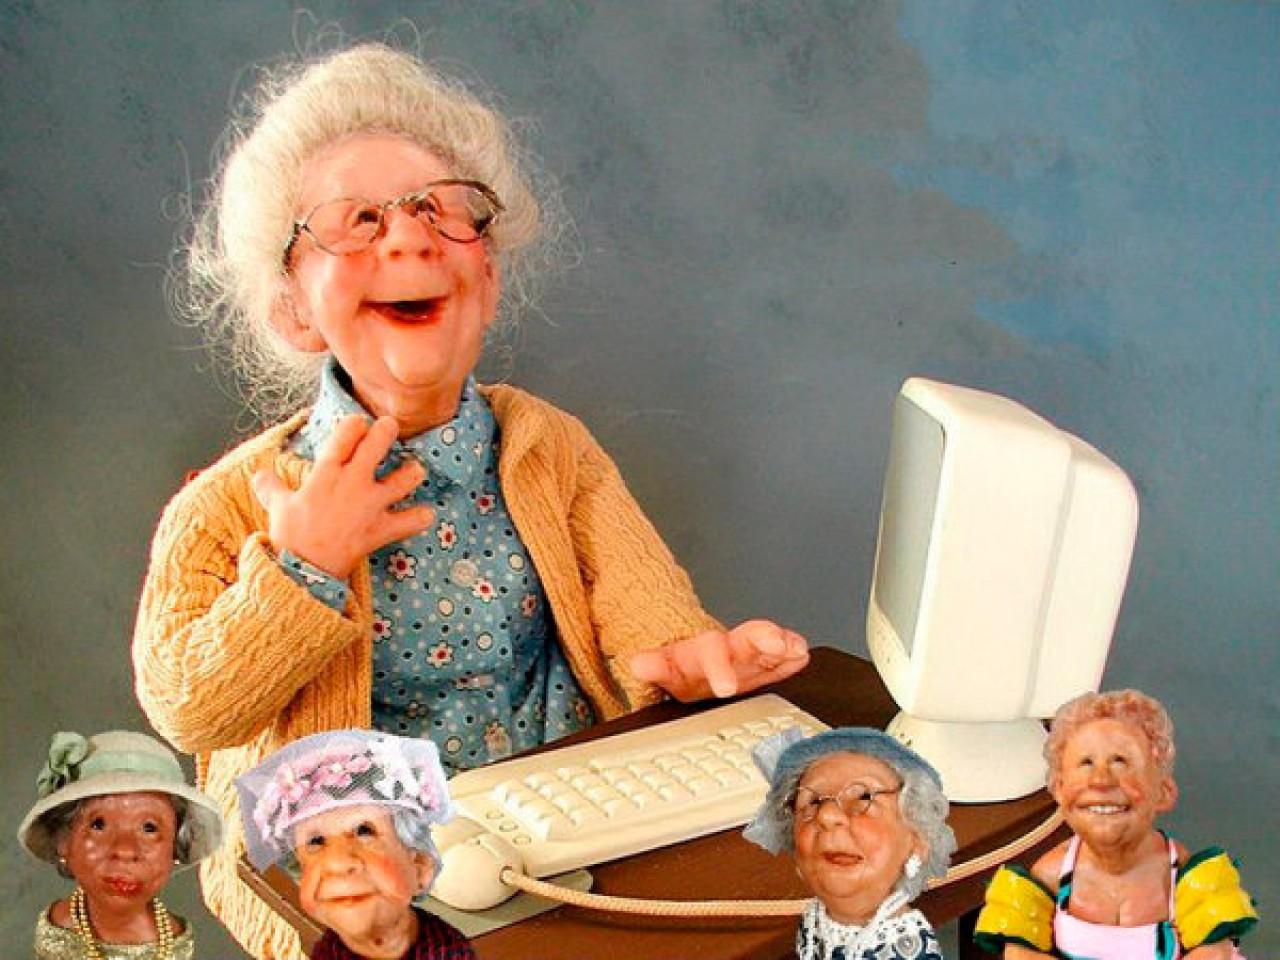 Прикольные открытки бабушкам, петросяном смешную картинку